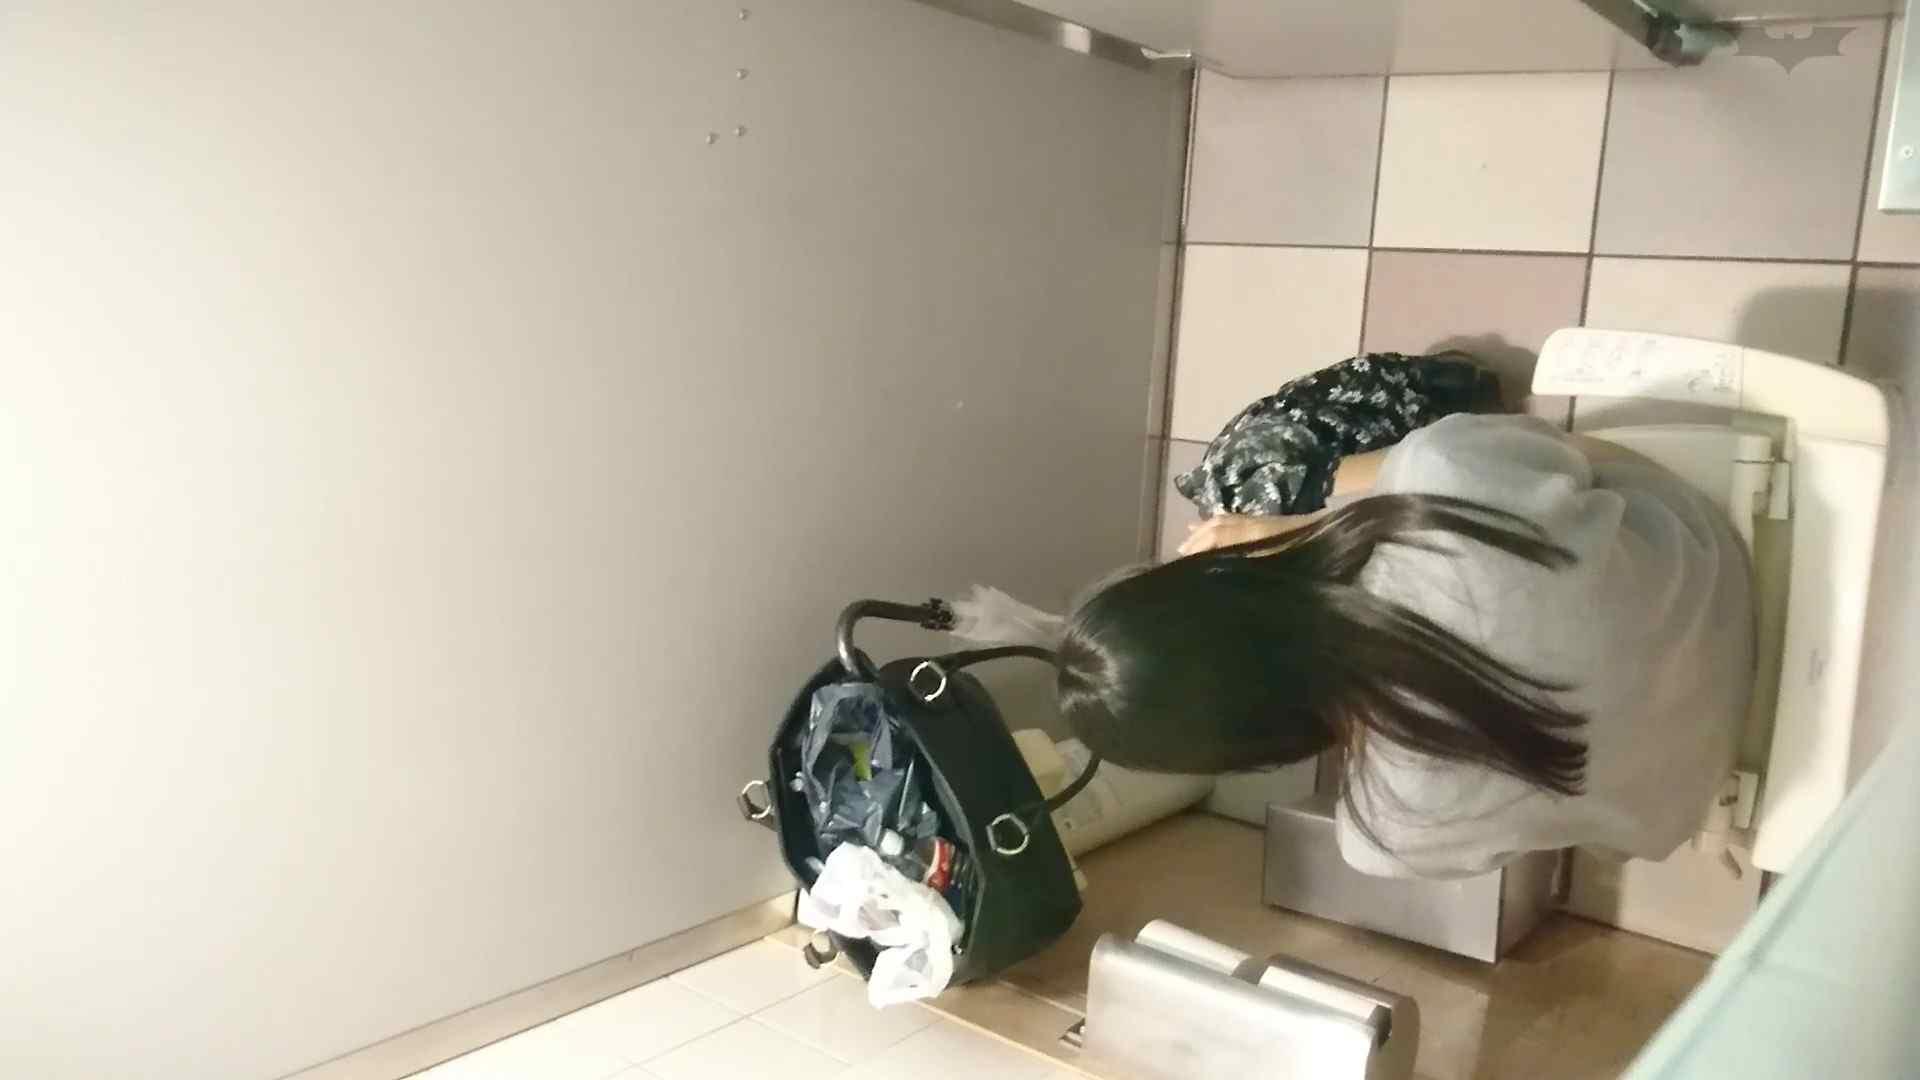 化粧室絵巻 ショッピングモール編 VOL.21 洗面所のぞき すけべAV動画紹介 109枚 89